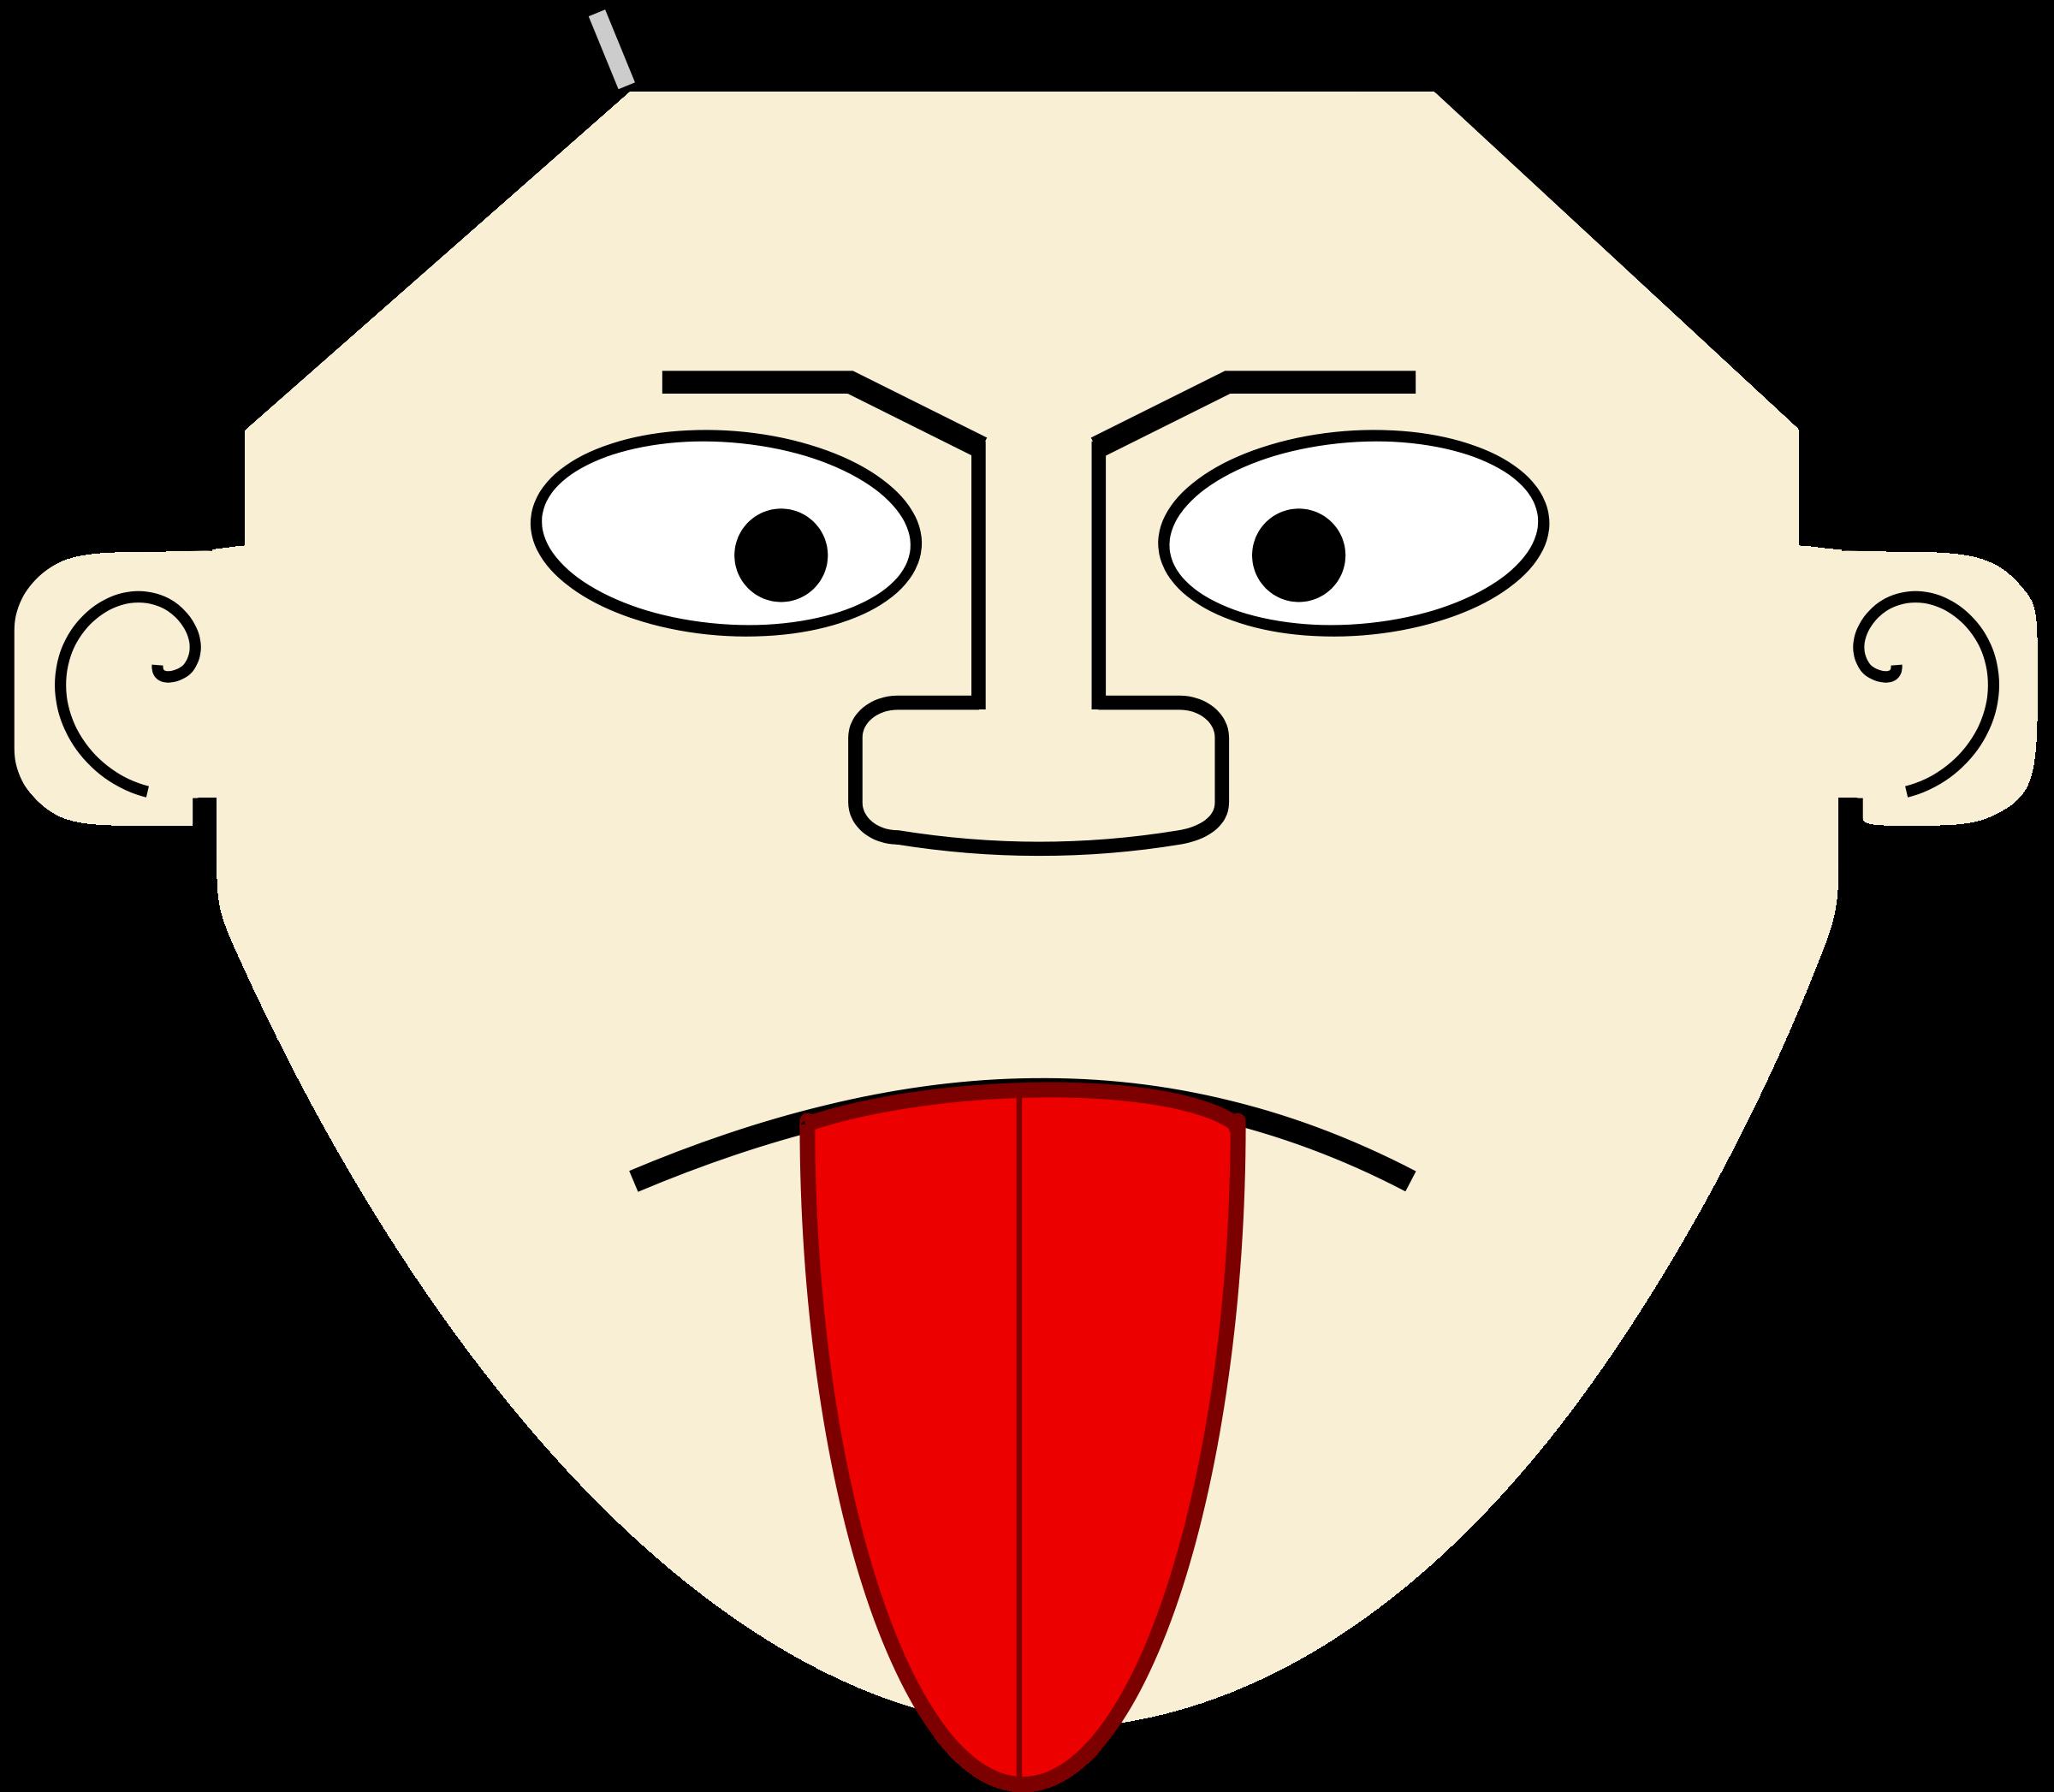 Tongue Clip Art - Cliparts.co-Tongue Clip Art - Cliparts.co-13